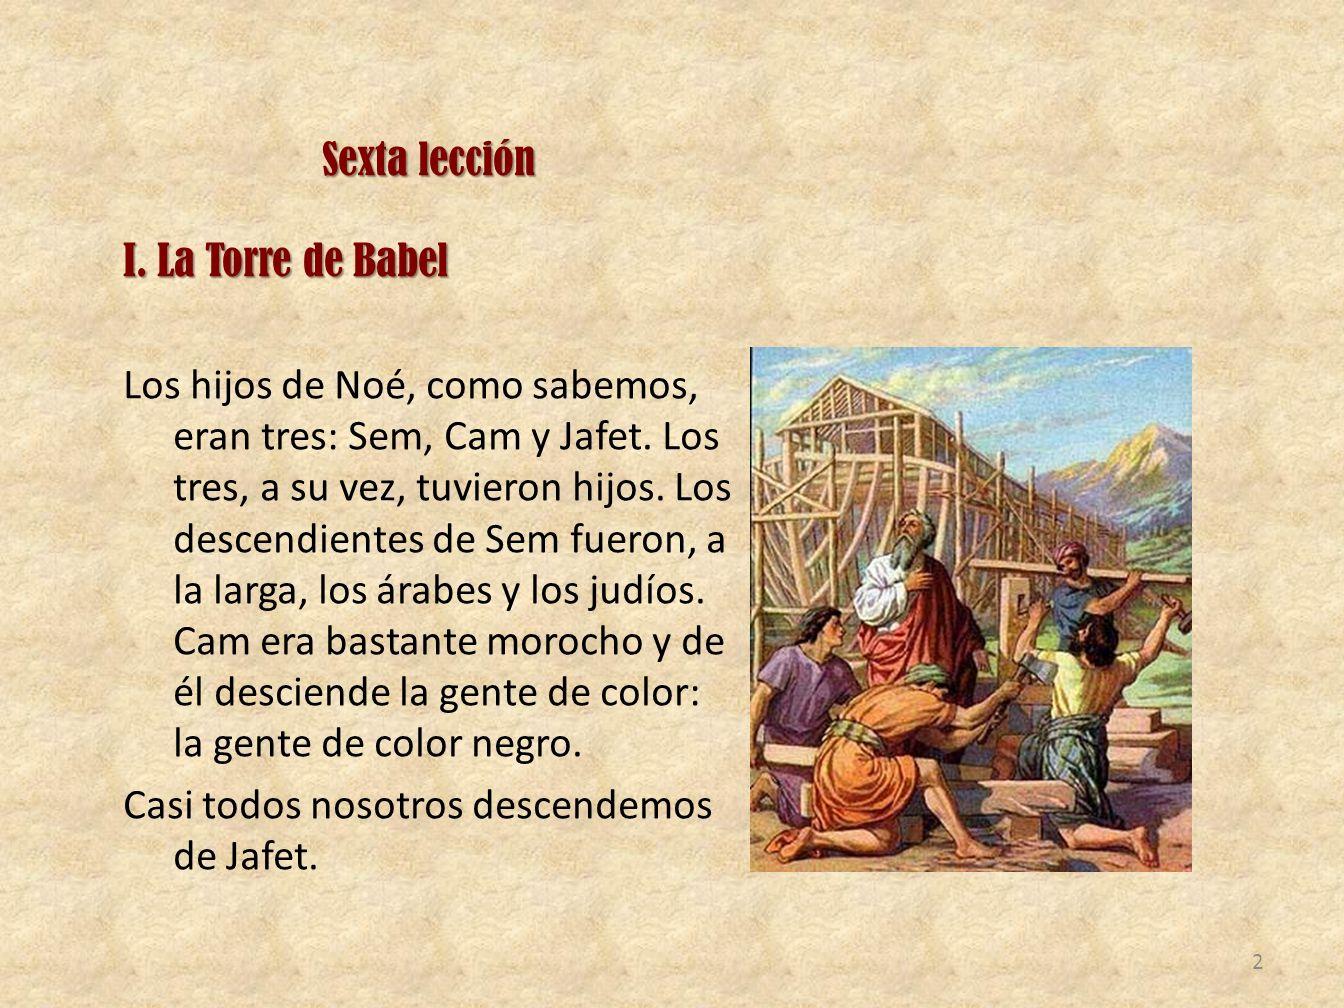 Sexta lección I. La Torre de Babel Los hijos de Noé, como sabemos, eran tres: Sem, Cam y Jafet. Los tres, a su vez, tuvieron hijos. Los descendientes